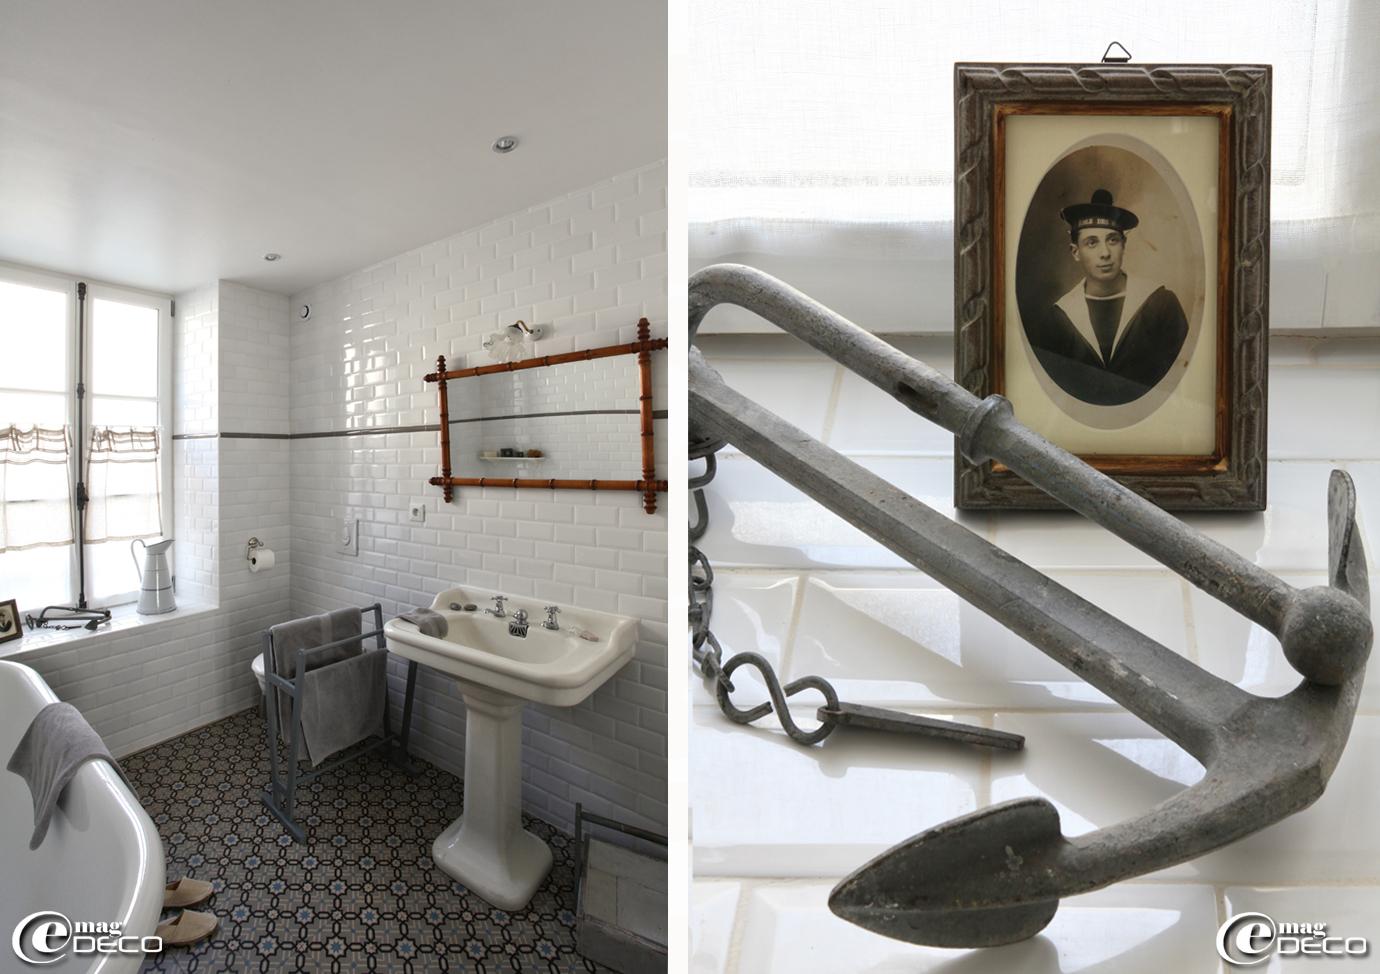 Salle de bain décorée de faïences biseautées style métro 'Leroy Merlin' dans un appartement de vacances des gîtes 'La Maison Matelot' à Port-en-Bessin